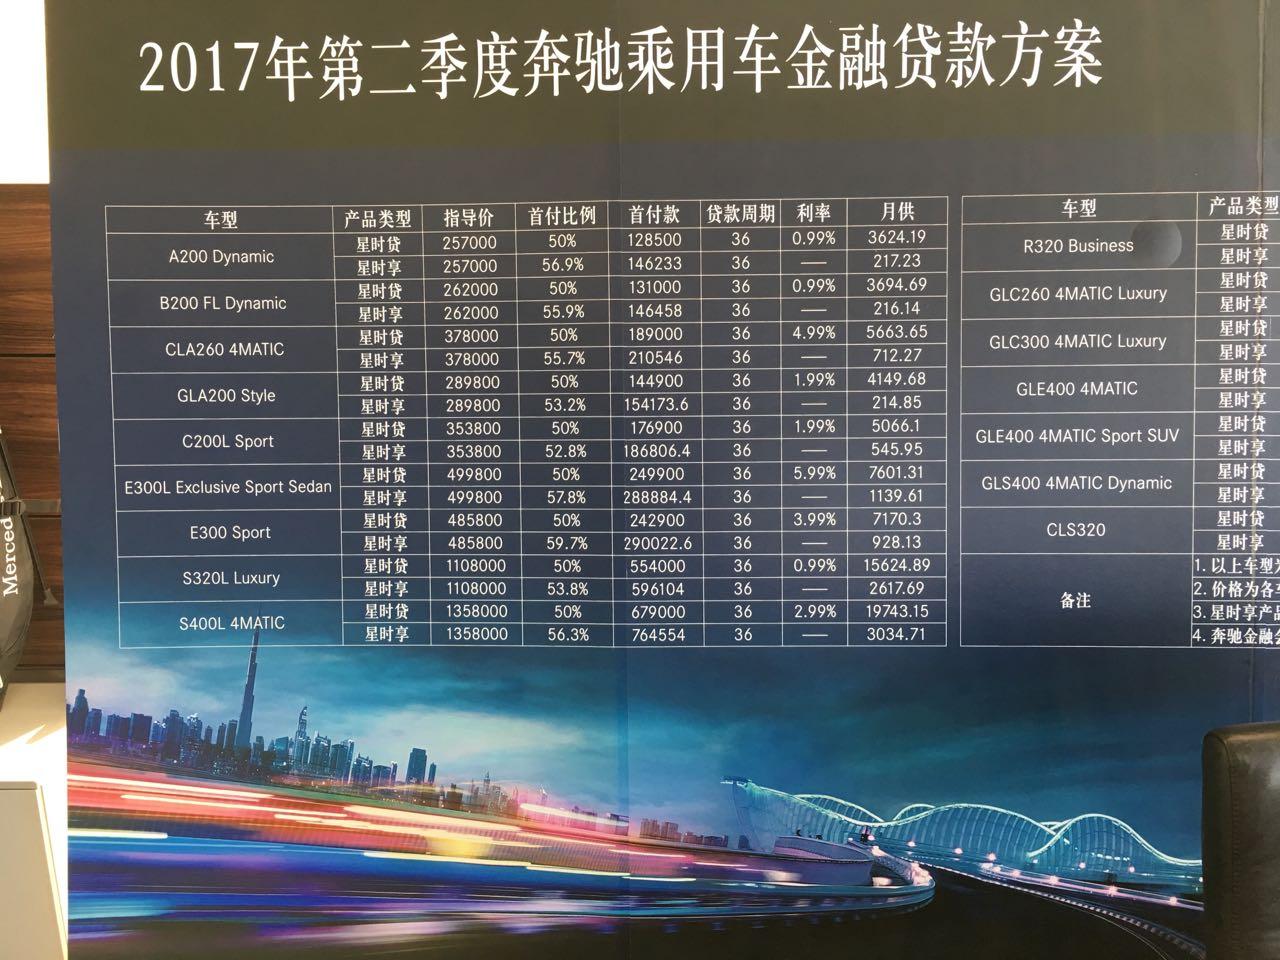 中国汽车金融已成万亿级市场将催生百亿美金市值平台_广东快乐十